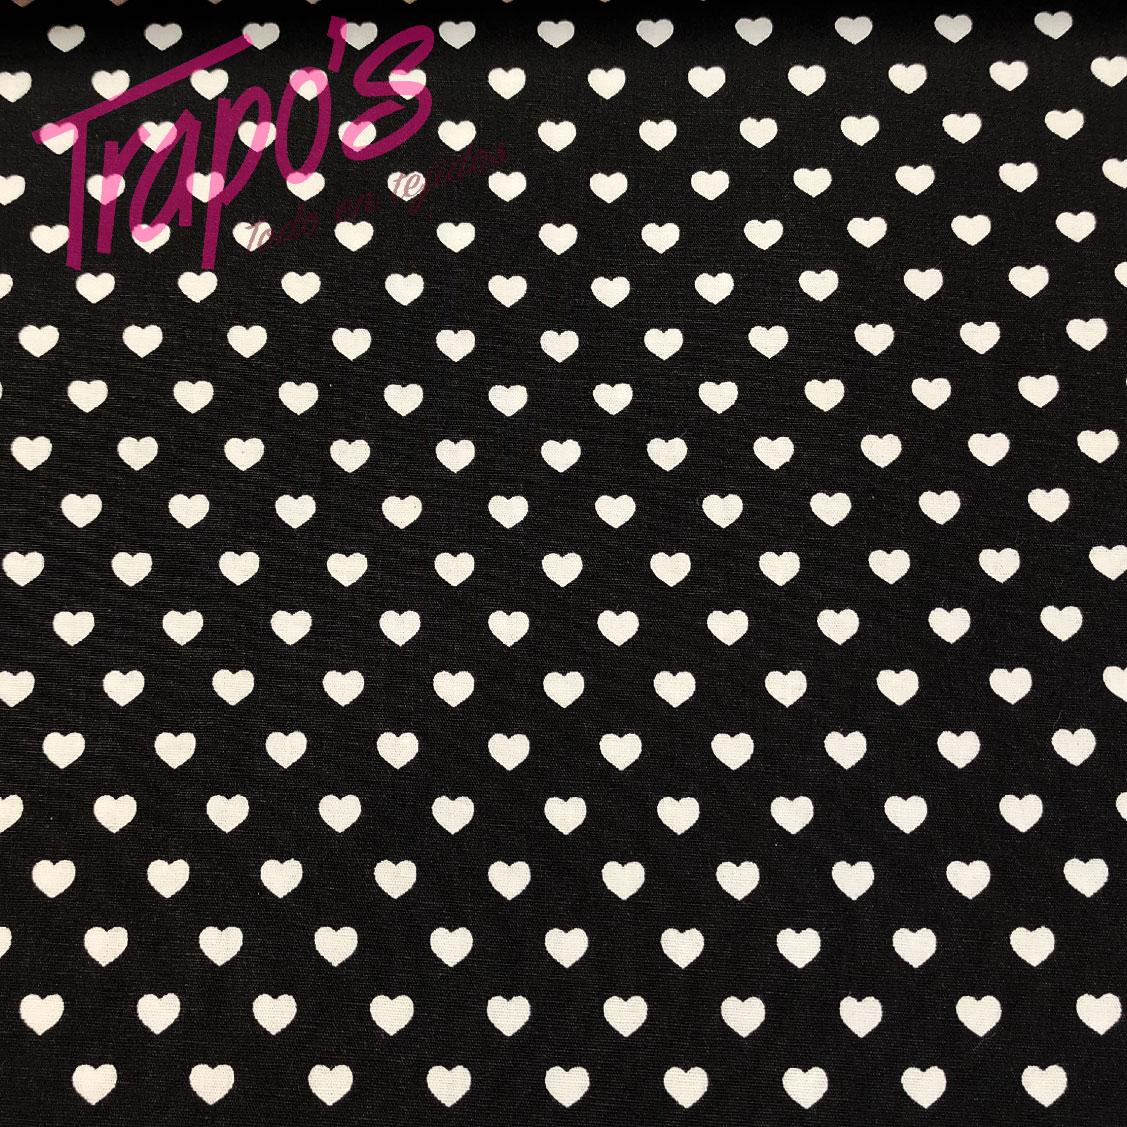 corazon-negro3